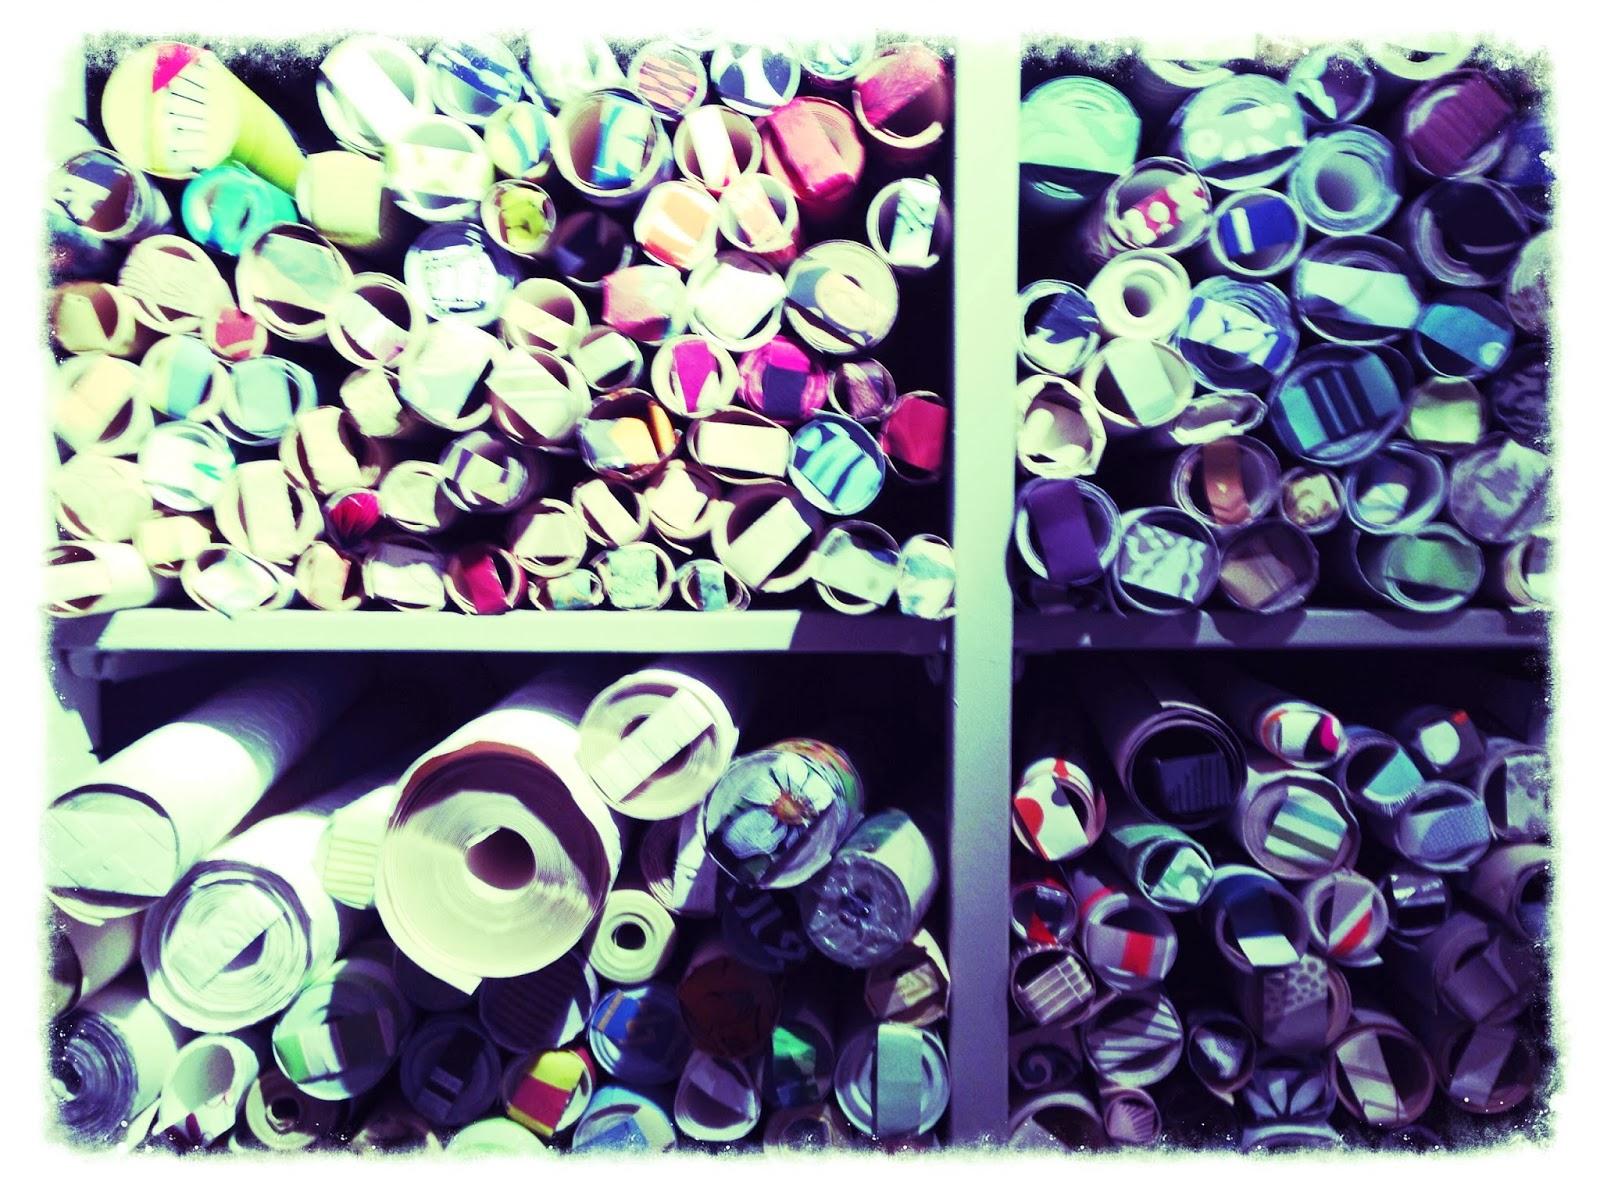 Ou Trouver Du Papier Peint - Chantemur magasin papier peint, peinture, rideau, poster